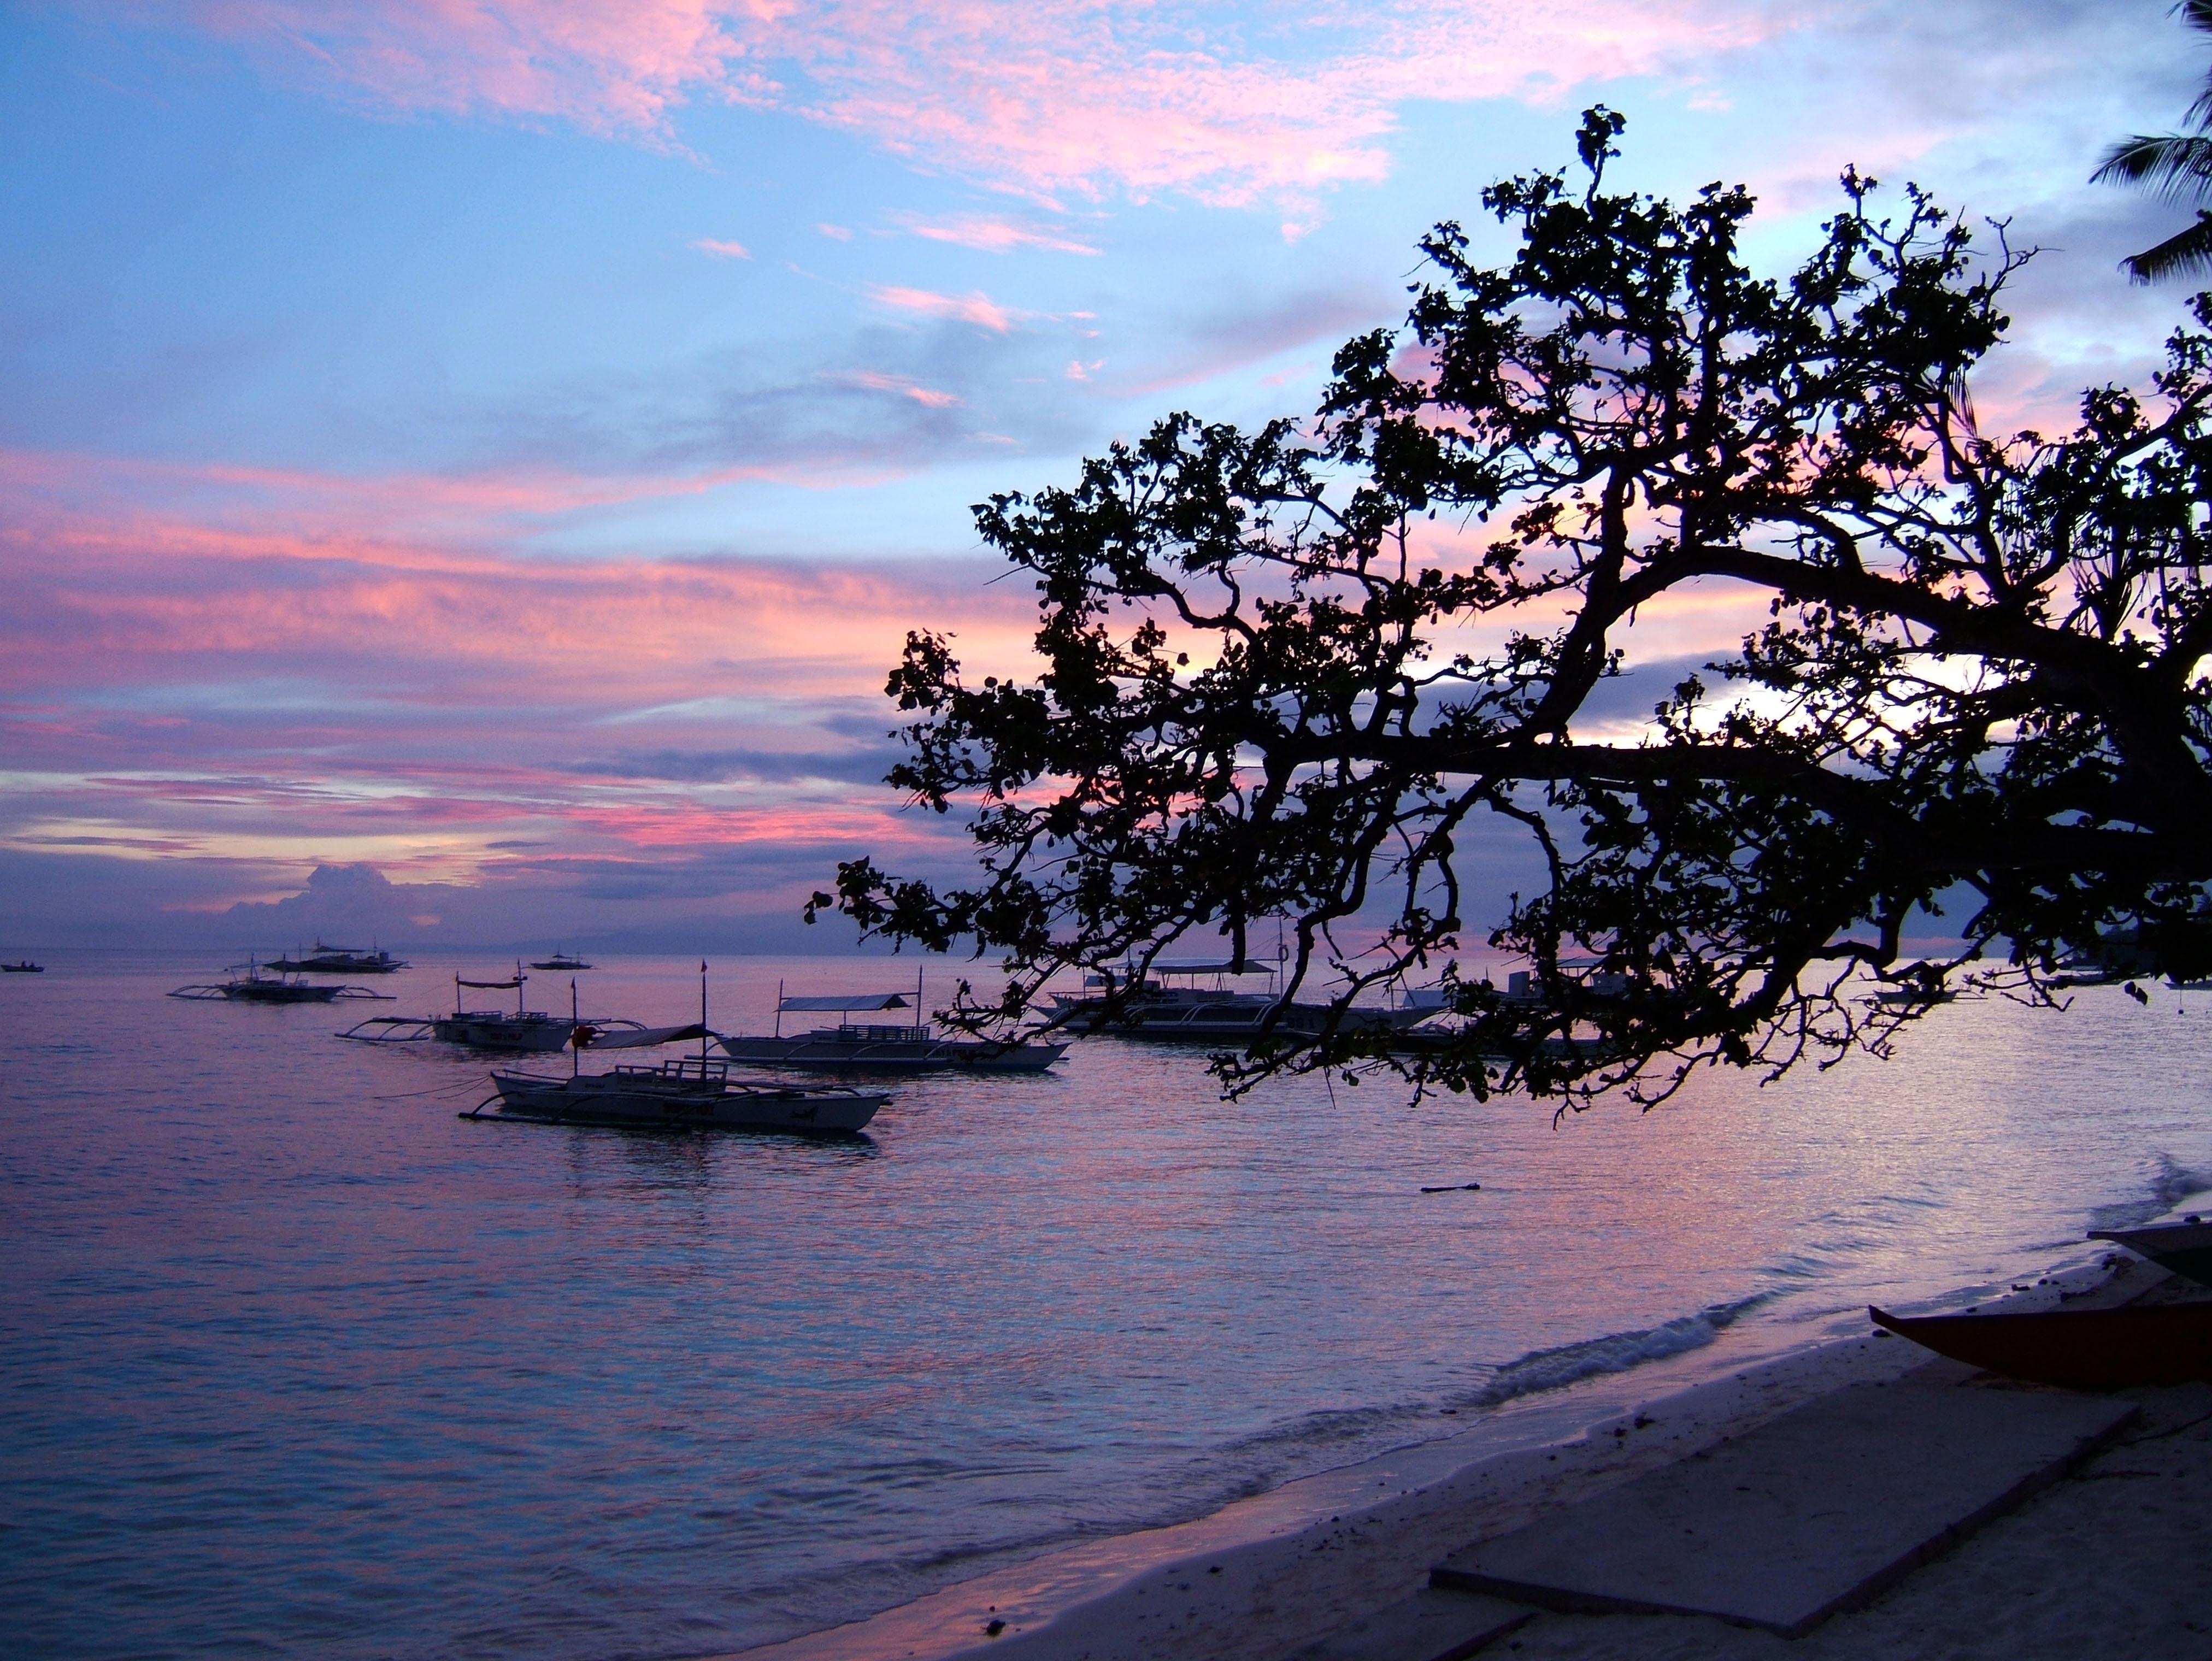 Sunset Philippines Cebu Bahoal 07